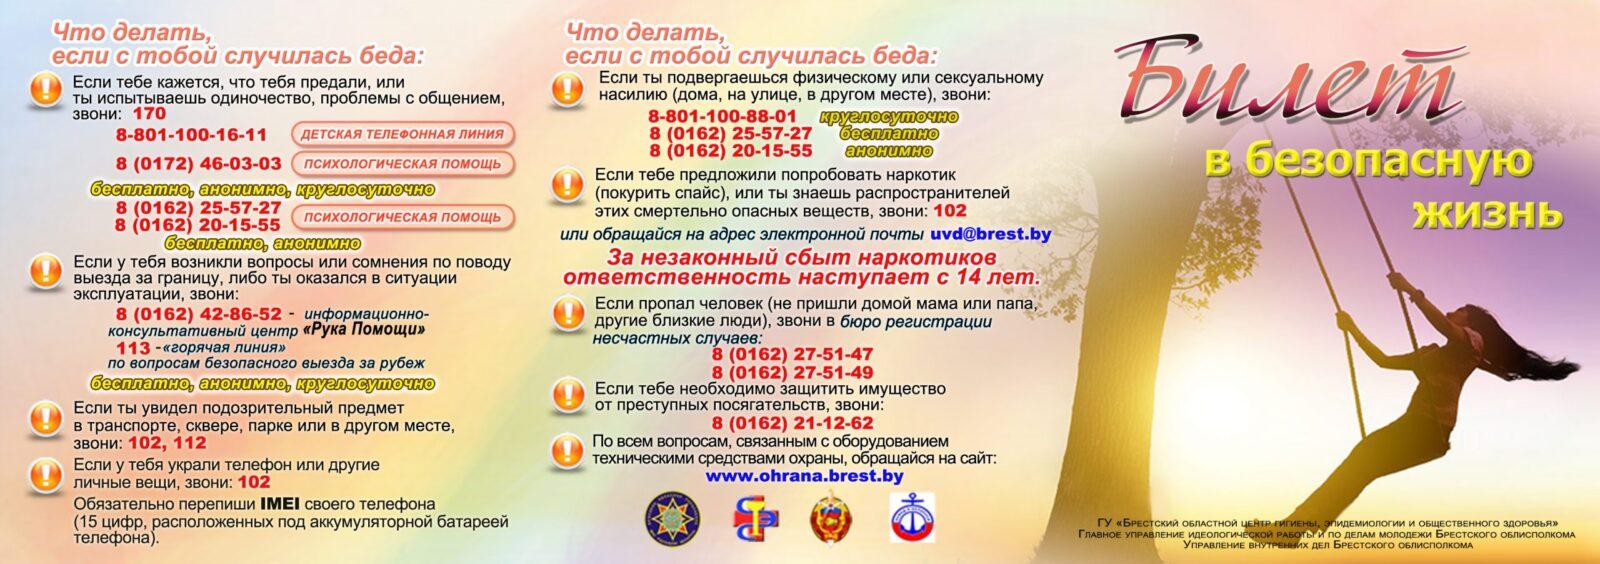 preduprezhdenie_domashnego_nasiliya_1